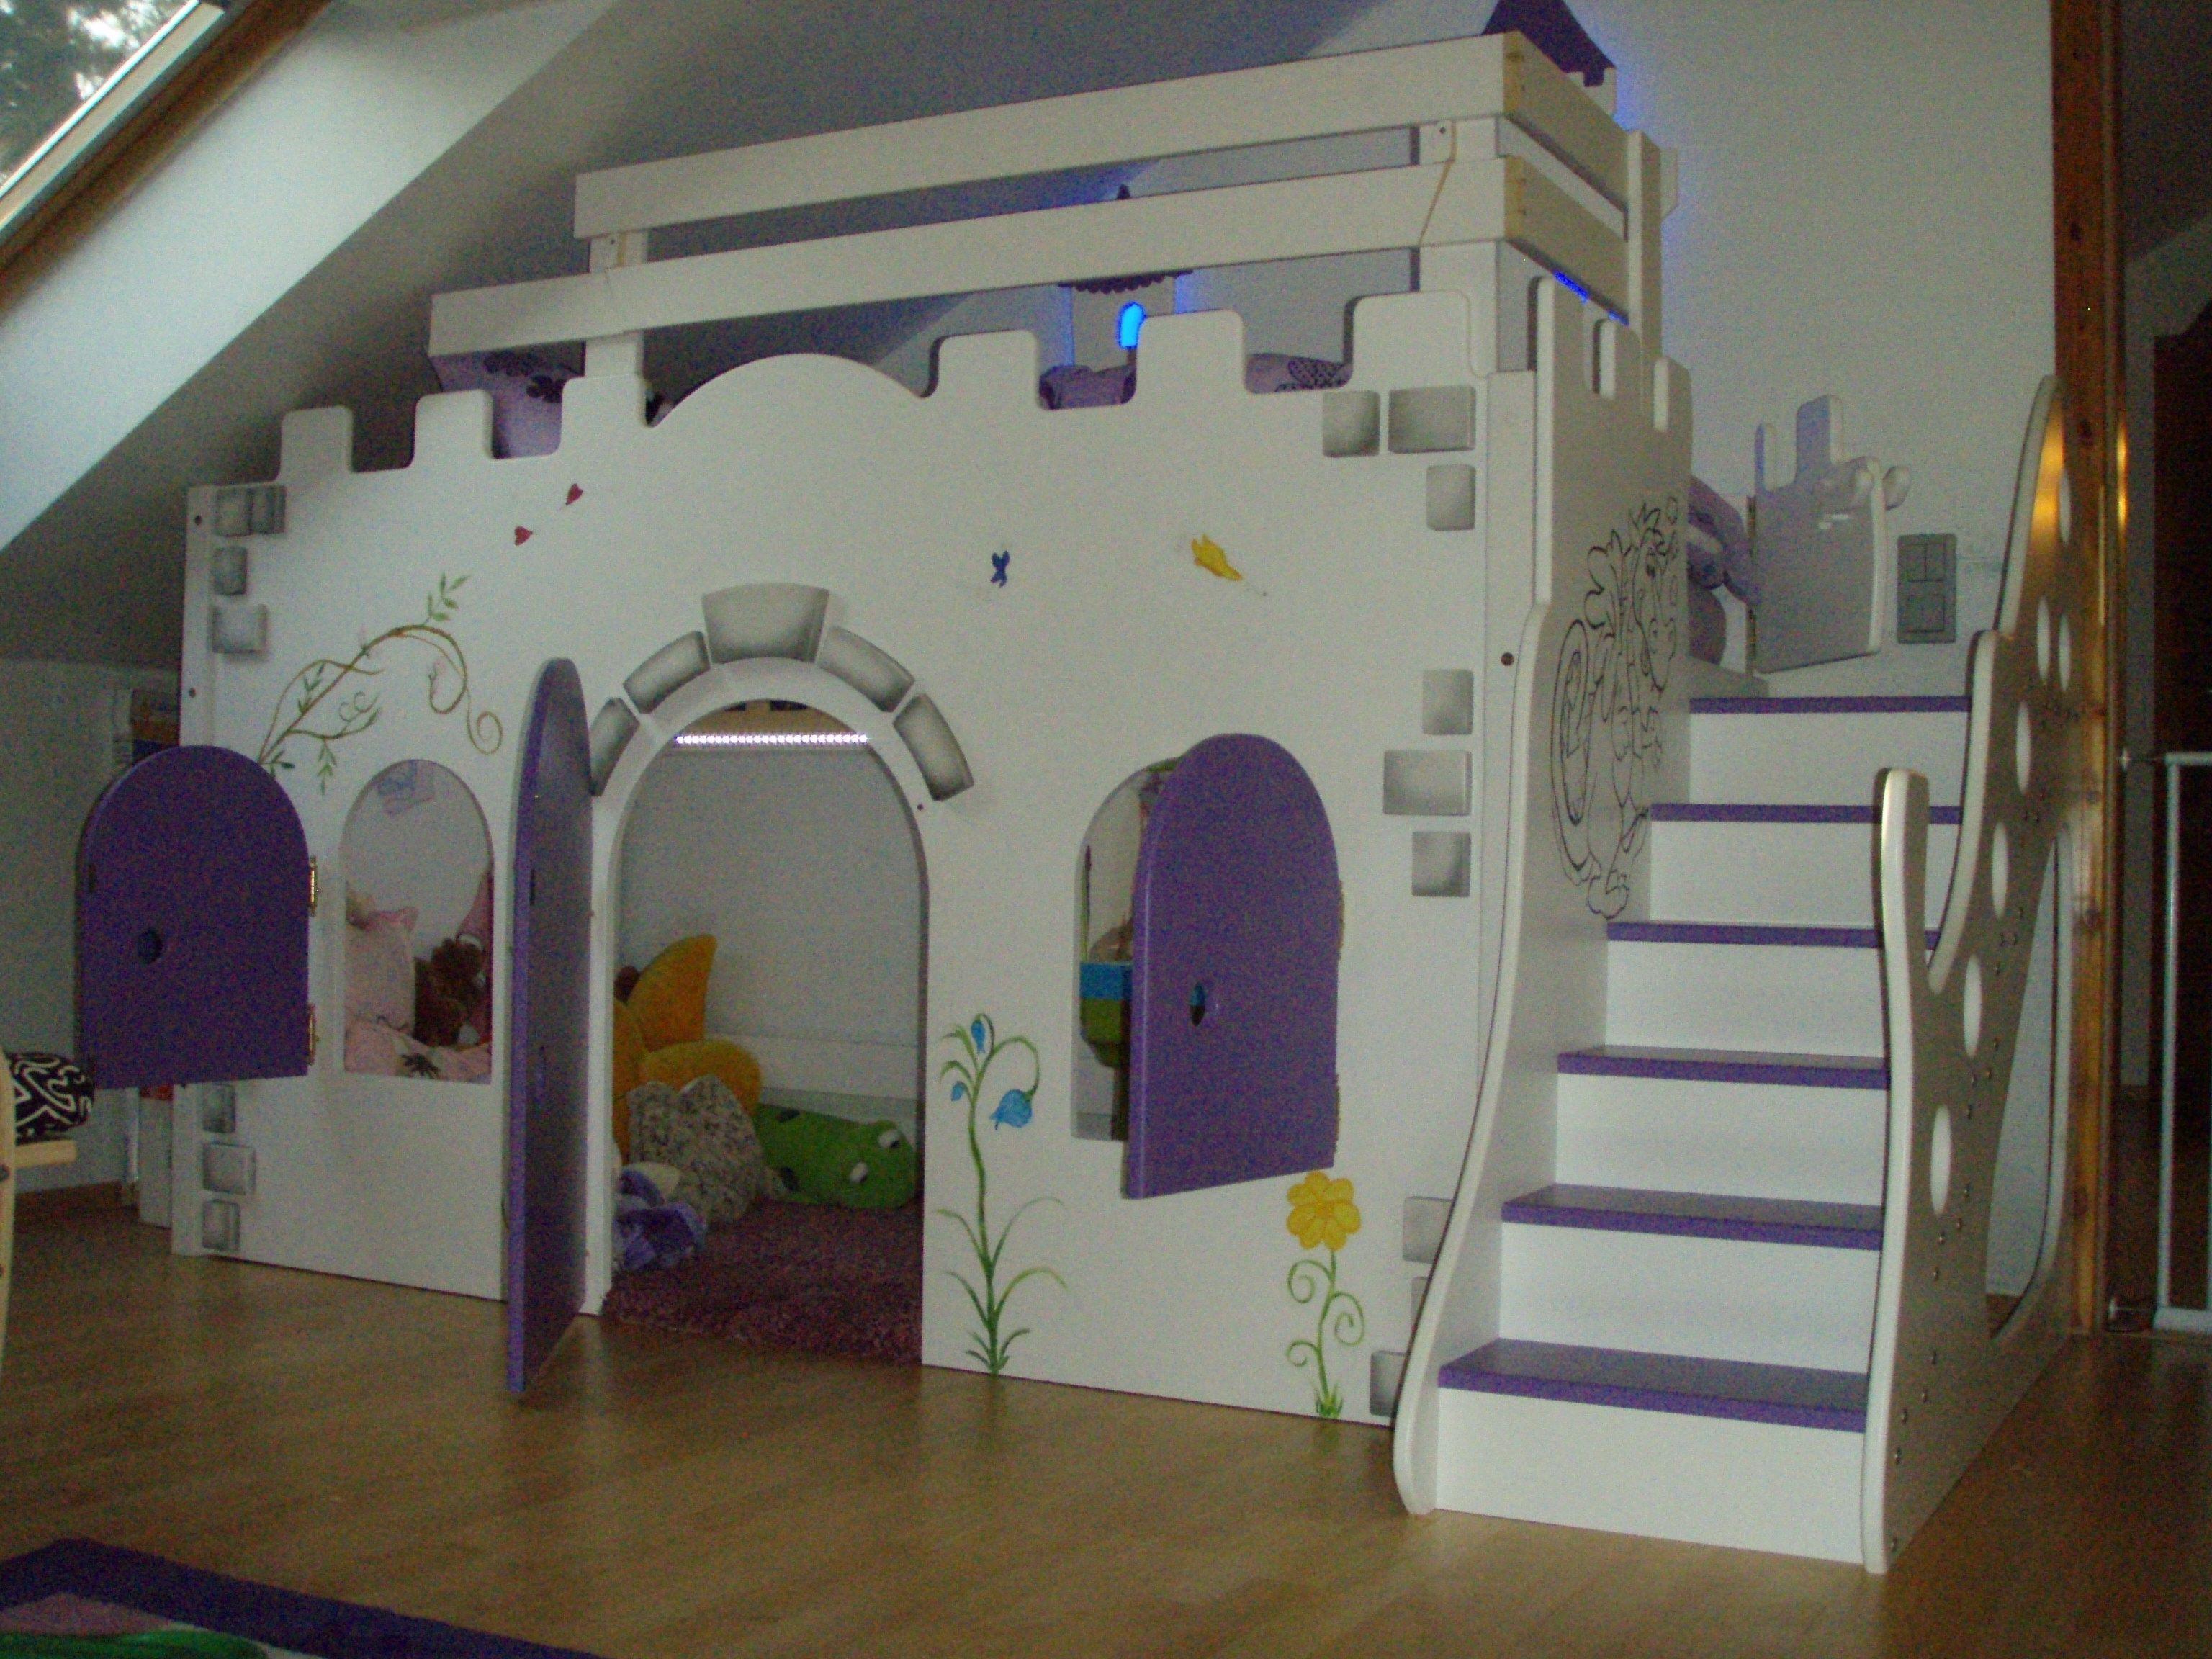 Hochbett Burg Cool Kinderbett Hochbett Traum Burg Reserviert Bis With Hochbett Burg Cheap Amazing Awesom Kinder Bett Hochbett Kinder Madchen Hochbett Madchen